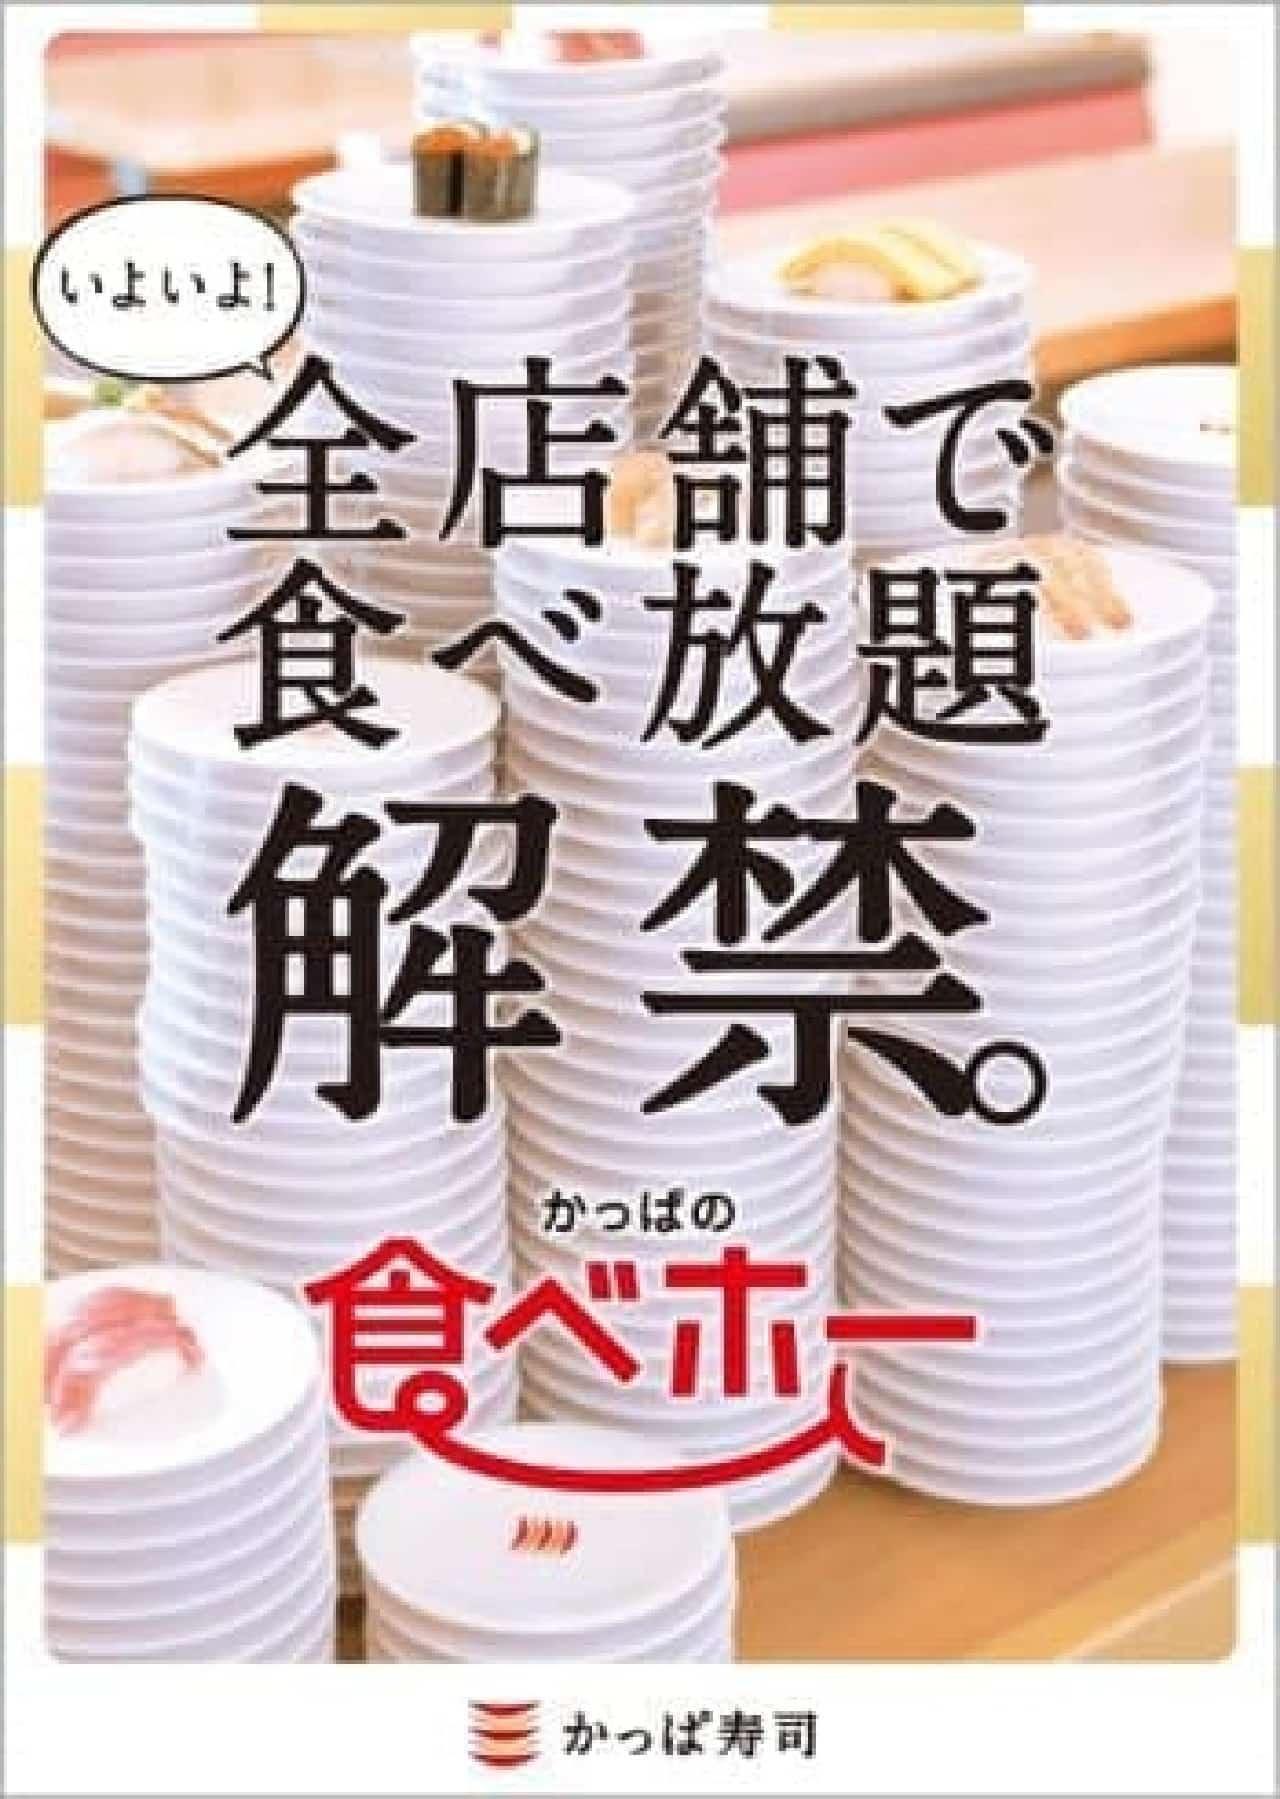 かっぱ寿司の全店舗で、食べ放題「かっぱの食べホー」実施